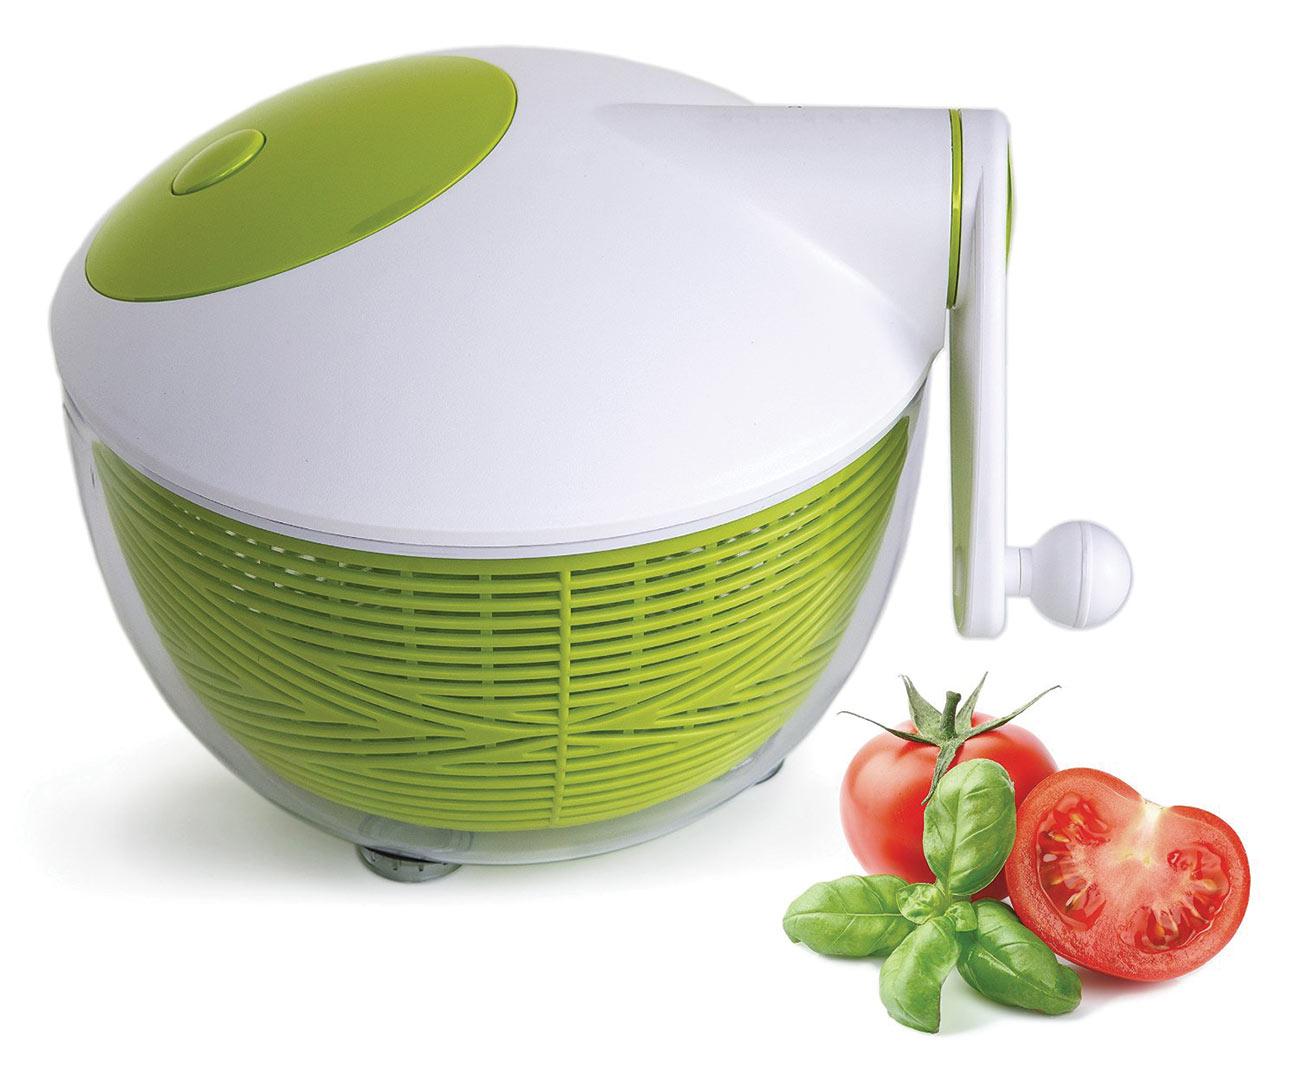 Starfrit 5-Quart Salad Spinner - Green-White